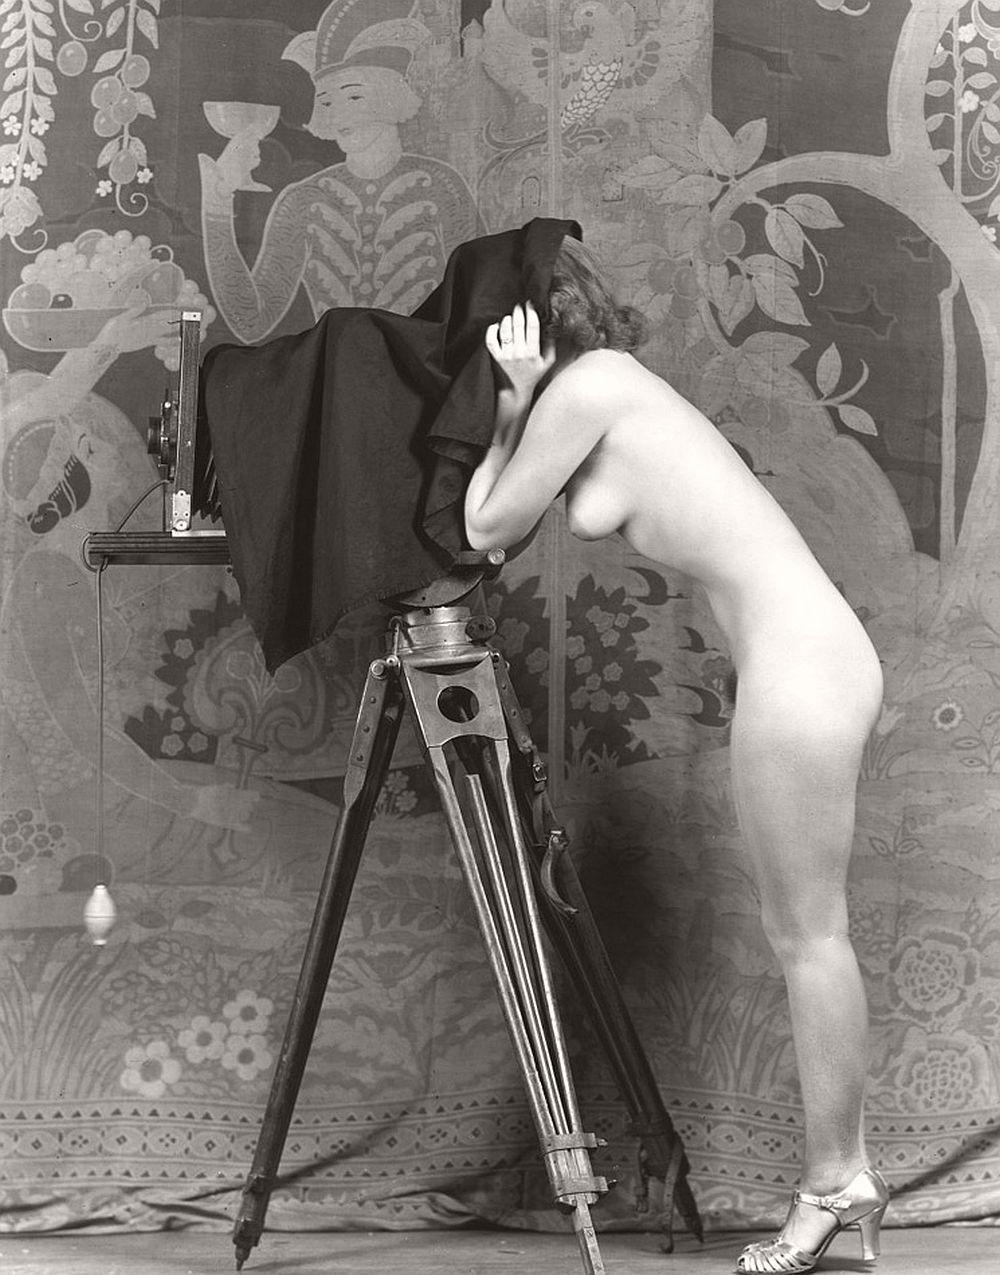 retro-vintage-nudes-erotica-1920s-05